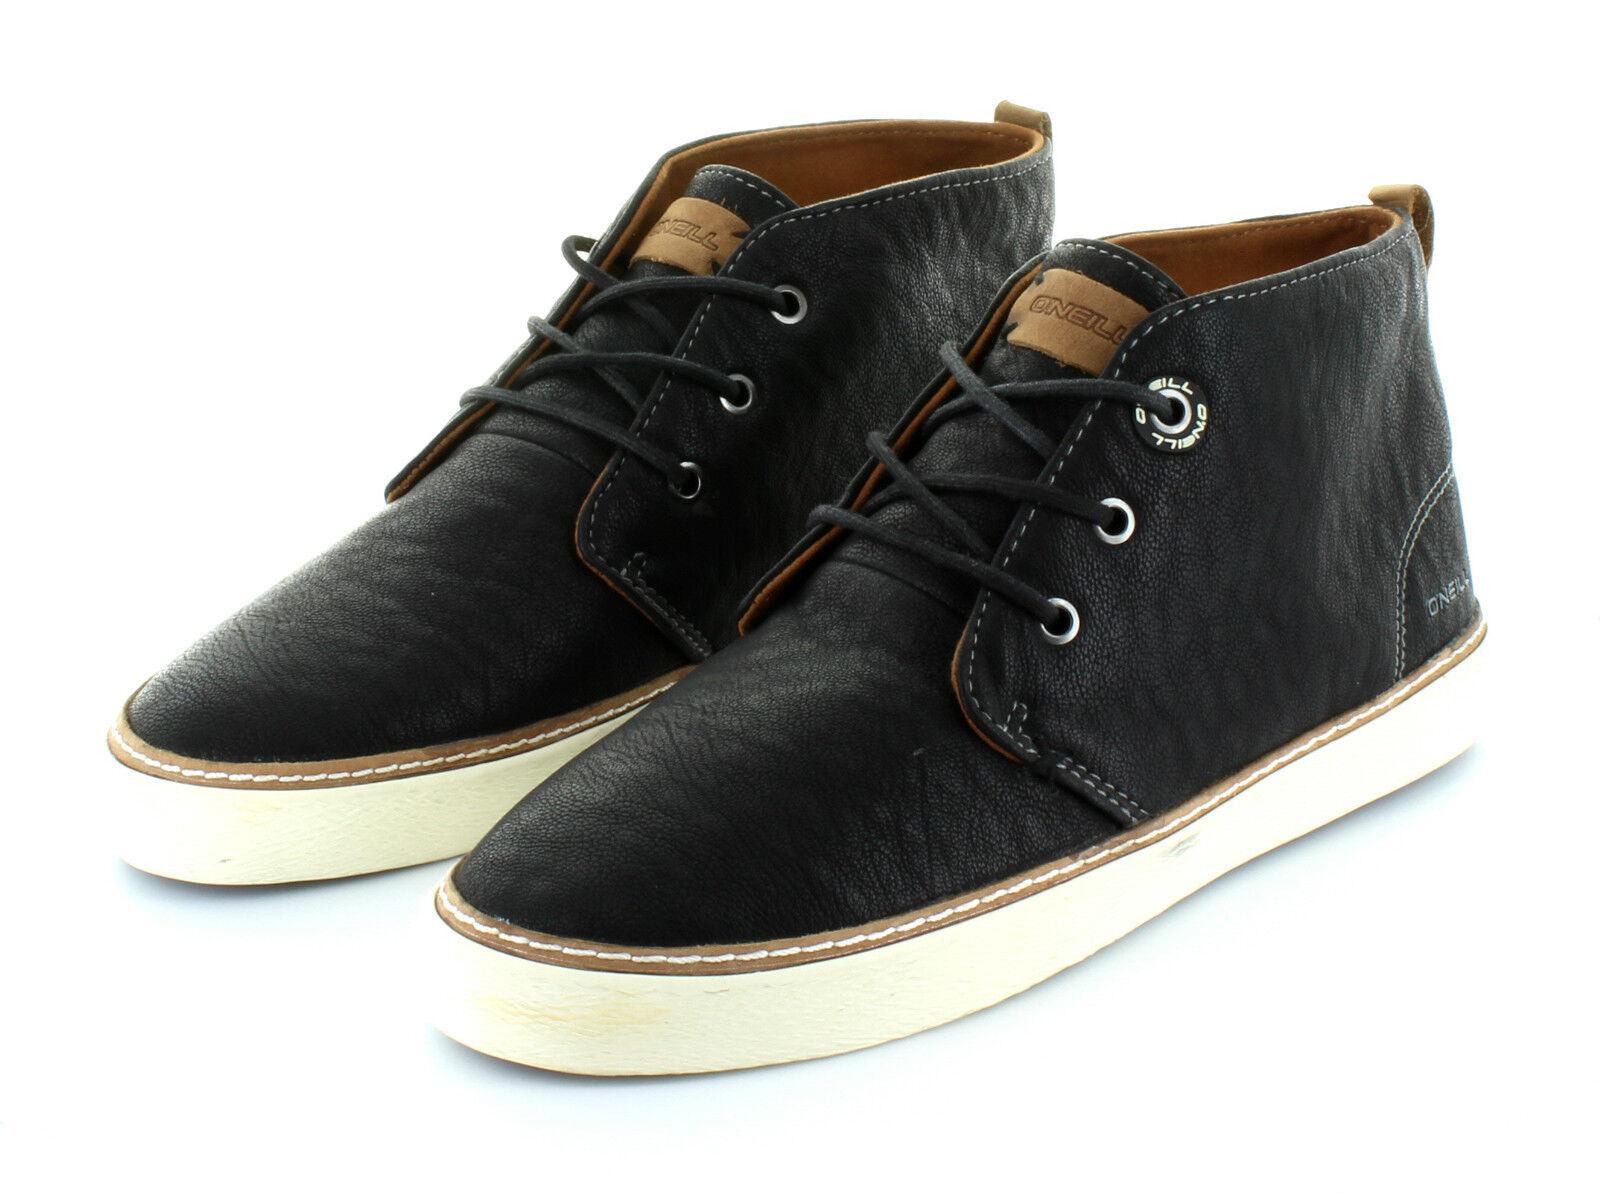 O 'Neill Kali nero scarpe da ginnastica Donna Scarpe tempo libero mis. 37 37,5 | Resistenza Forte Da Calore E Resistente  | Scolaro/Signora Scarpa